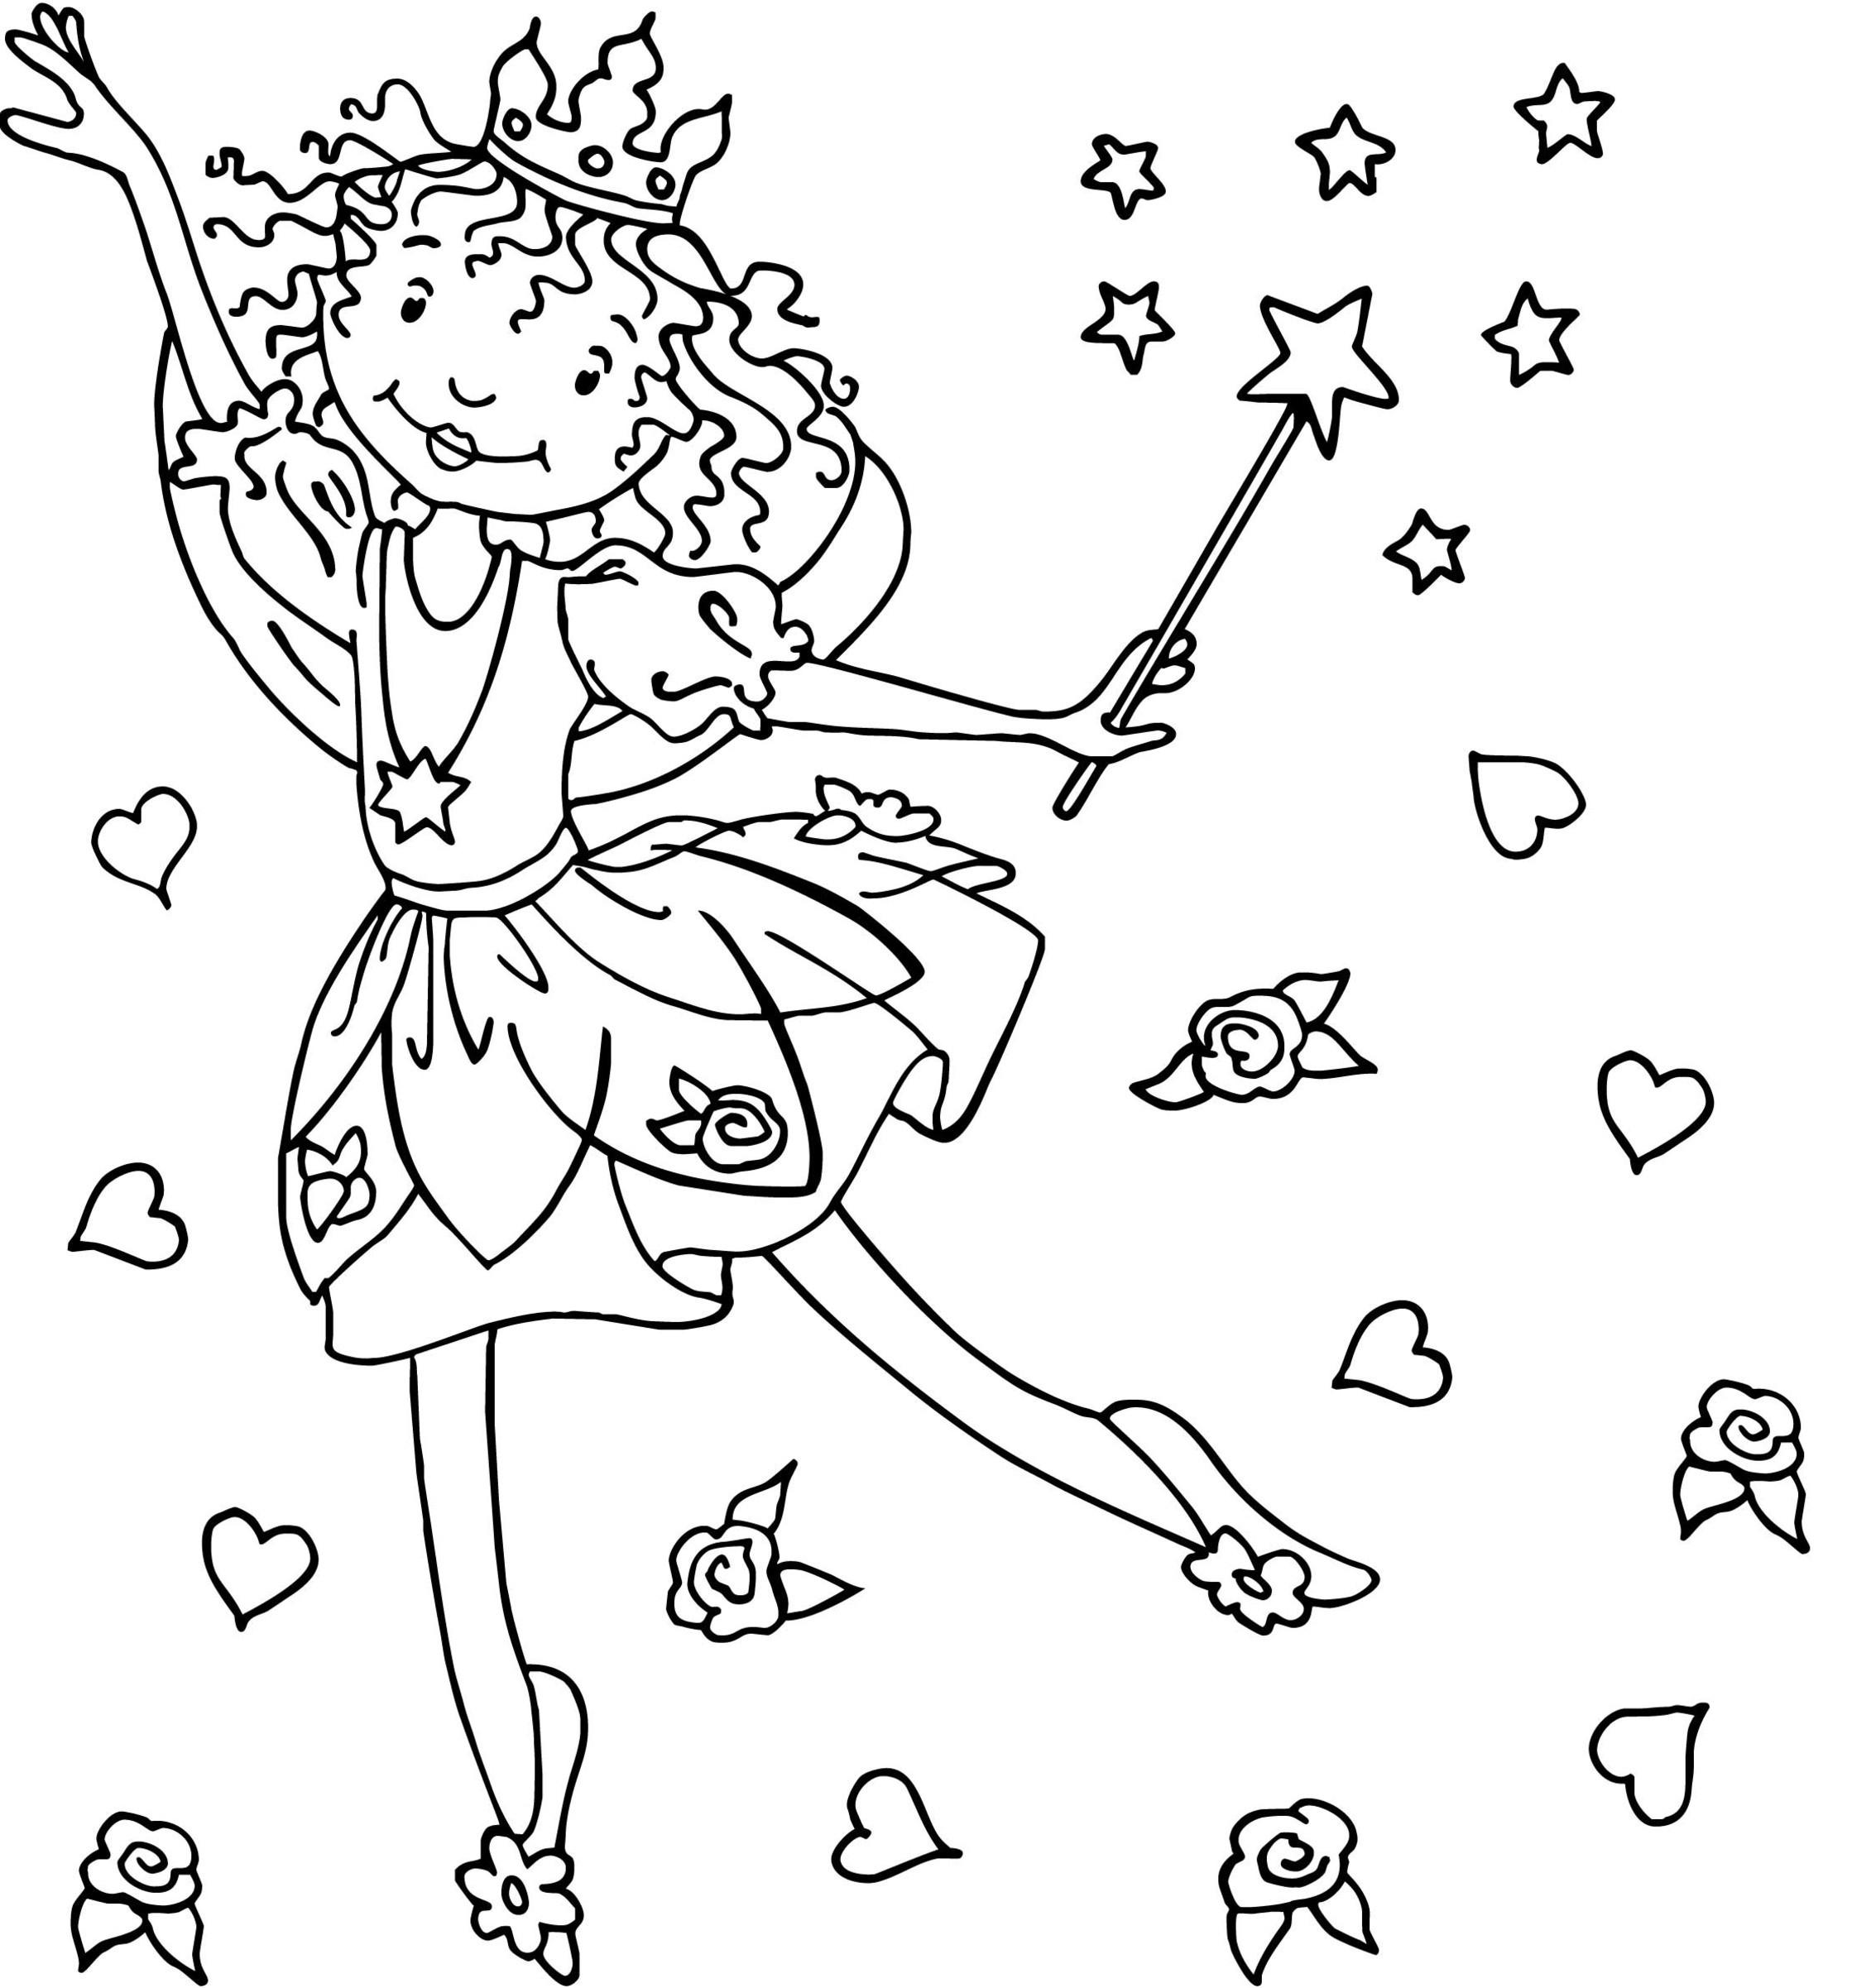 Ausmalbilder Prinzessin Kostenlos  Ausmalbilder prinzessin kostenlos Malvorlagen zum